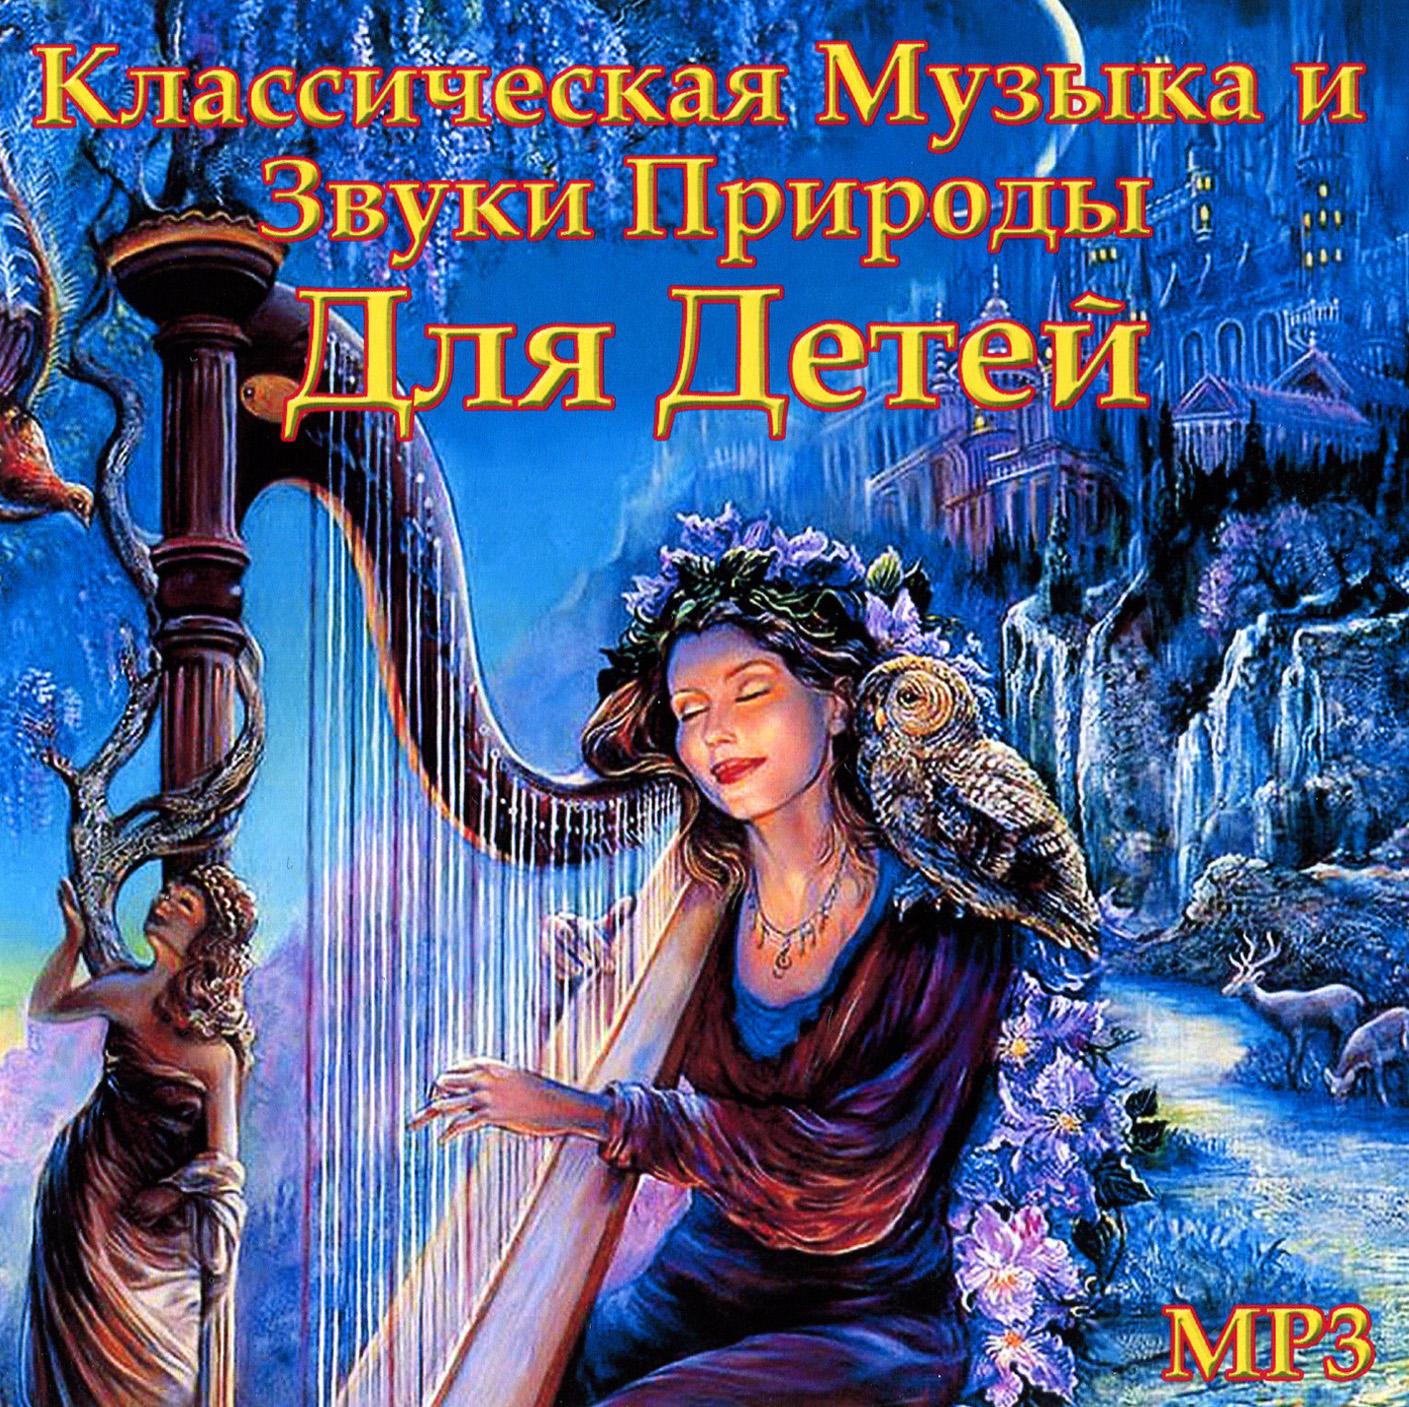 Классическая музыка и звуки природы для детей [mp3]